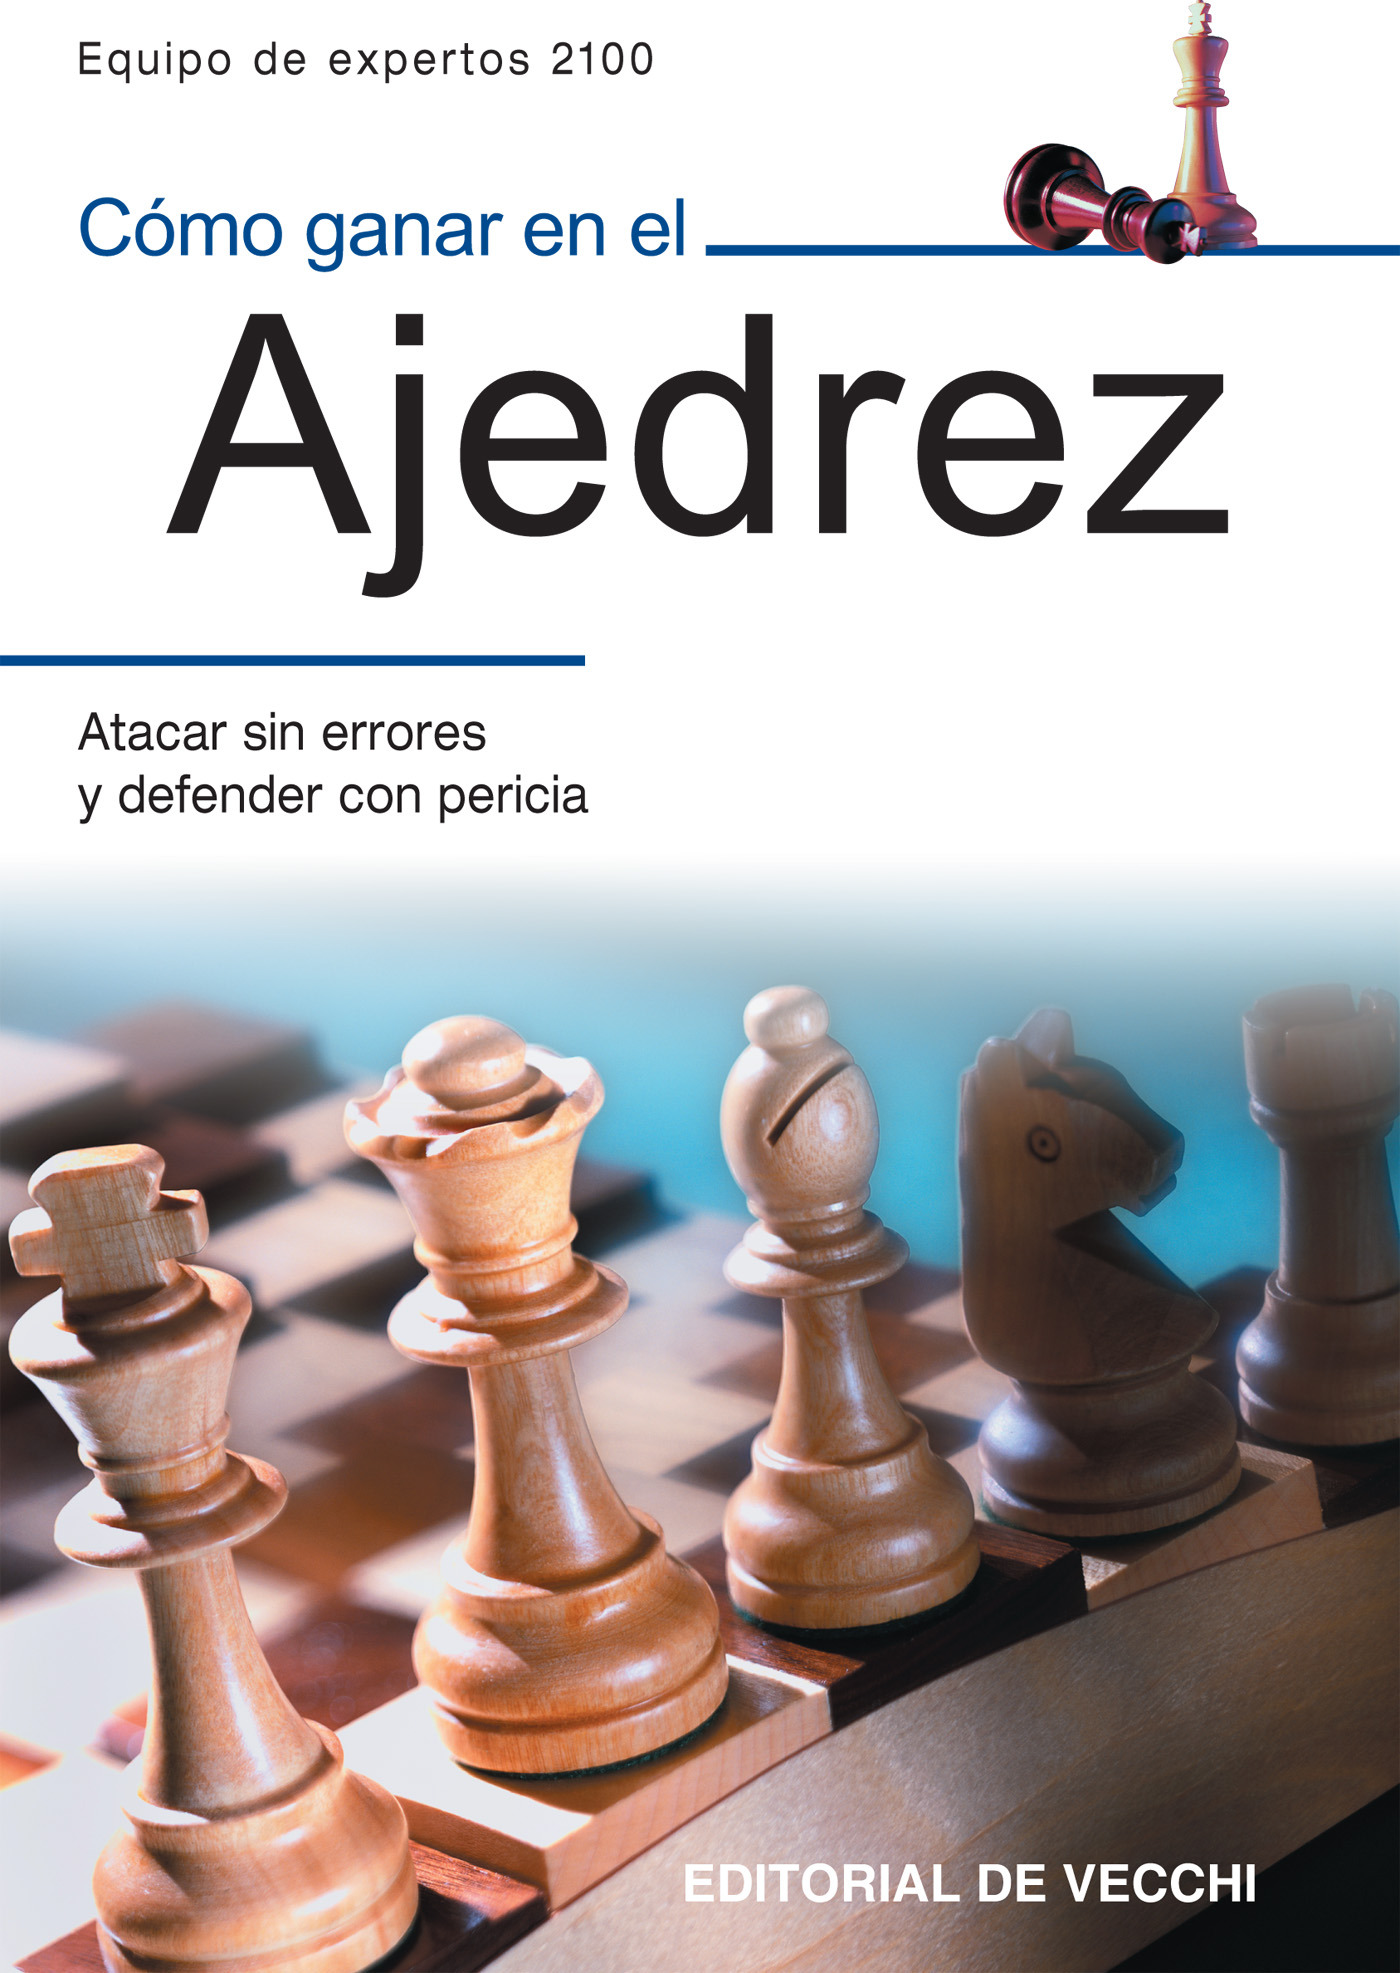 2100, Equipo de expertos 2100 Equipo de expertos - Cómo ganar en el ajedrez, ebook